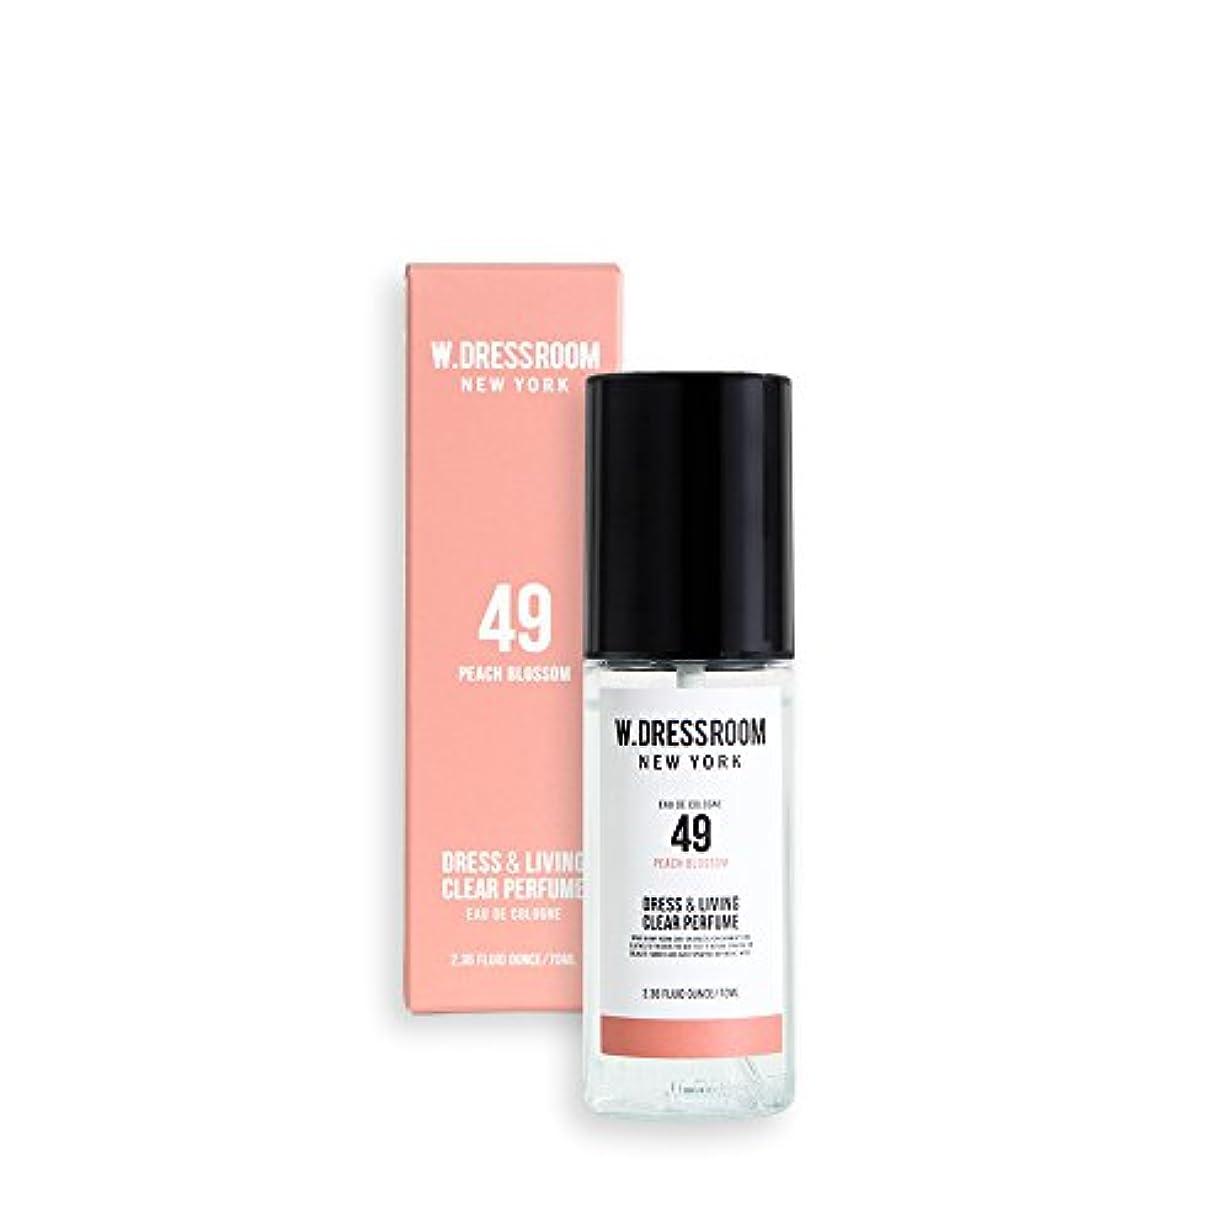 化学者パワーセル検出W.DRESSROOM Dress & Living Clear Perfume 70ml/ダブルドレスルーム ドレス&リビング クリア パフューム 70ml (#No.49 Peach Blossom) [並行輸入品]